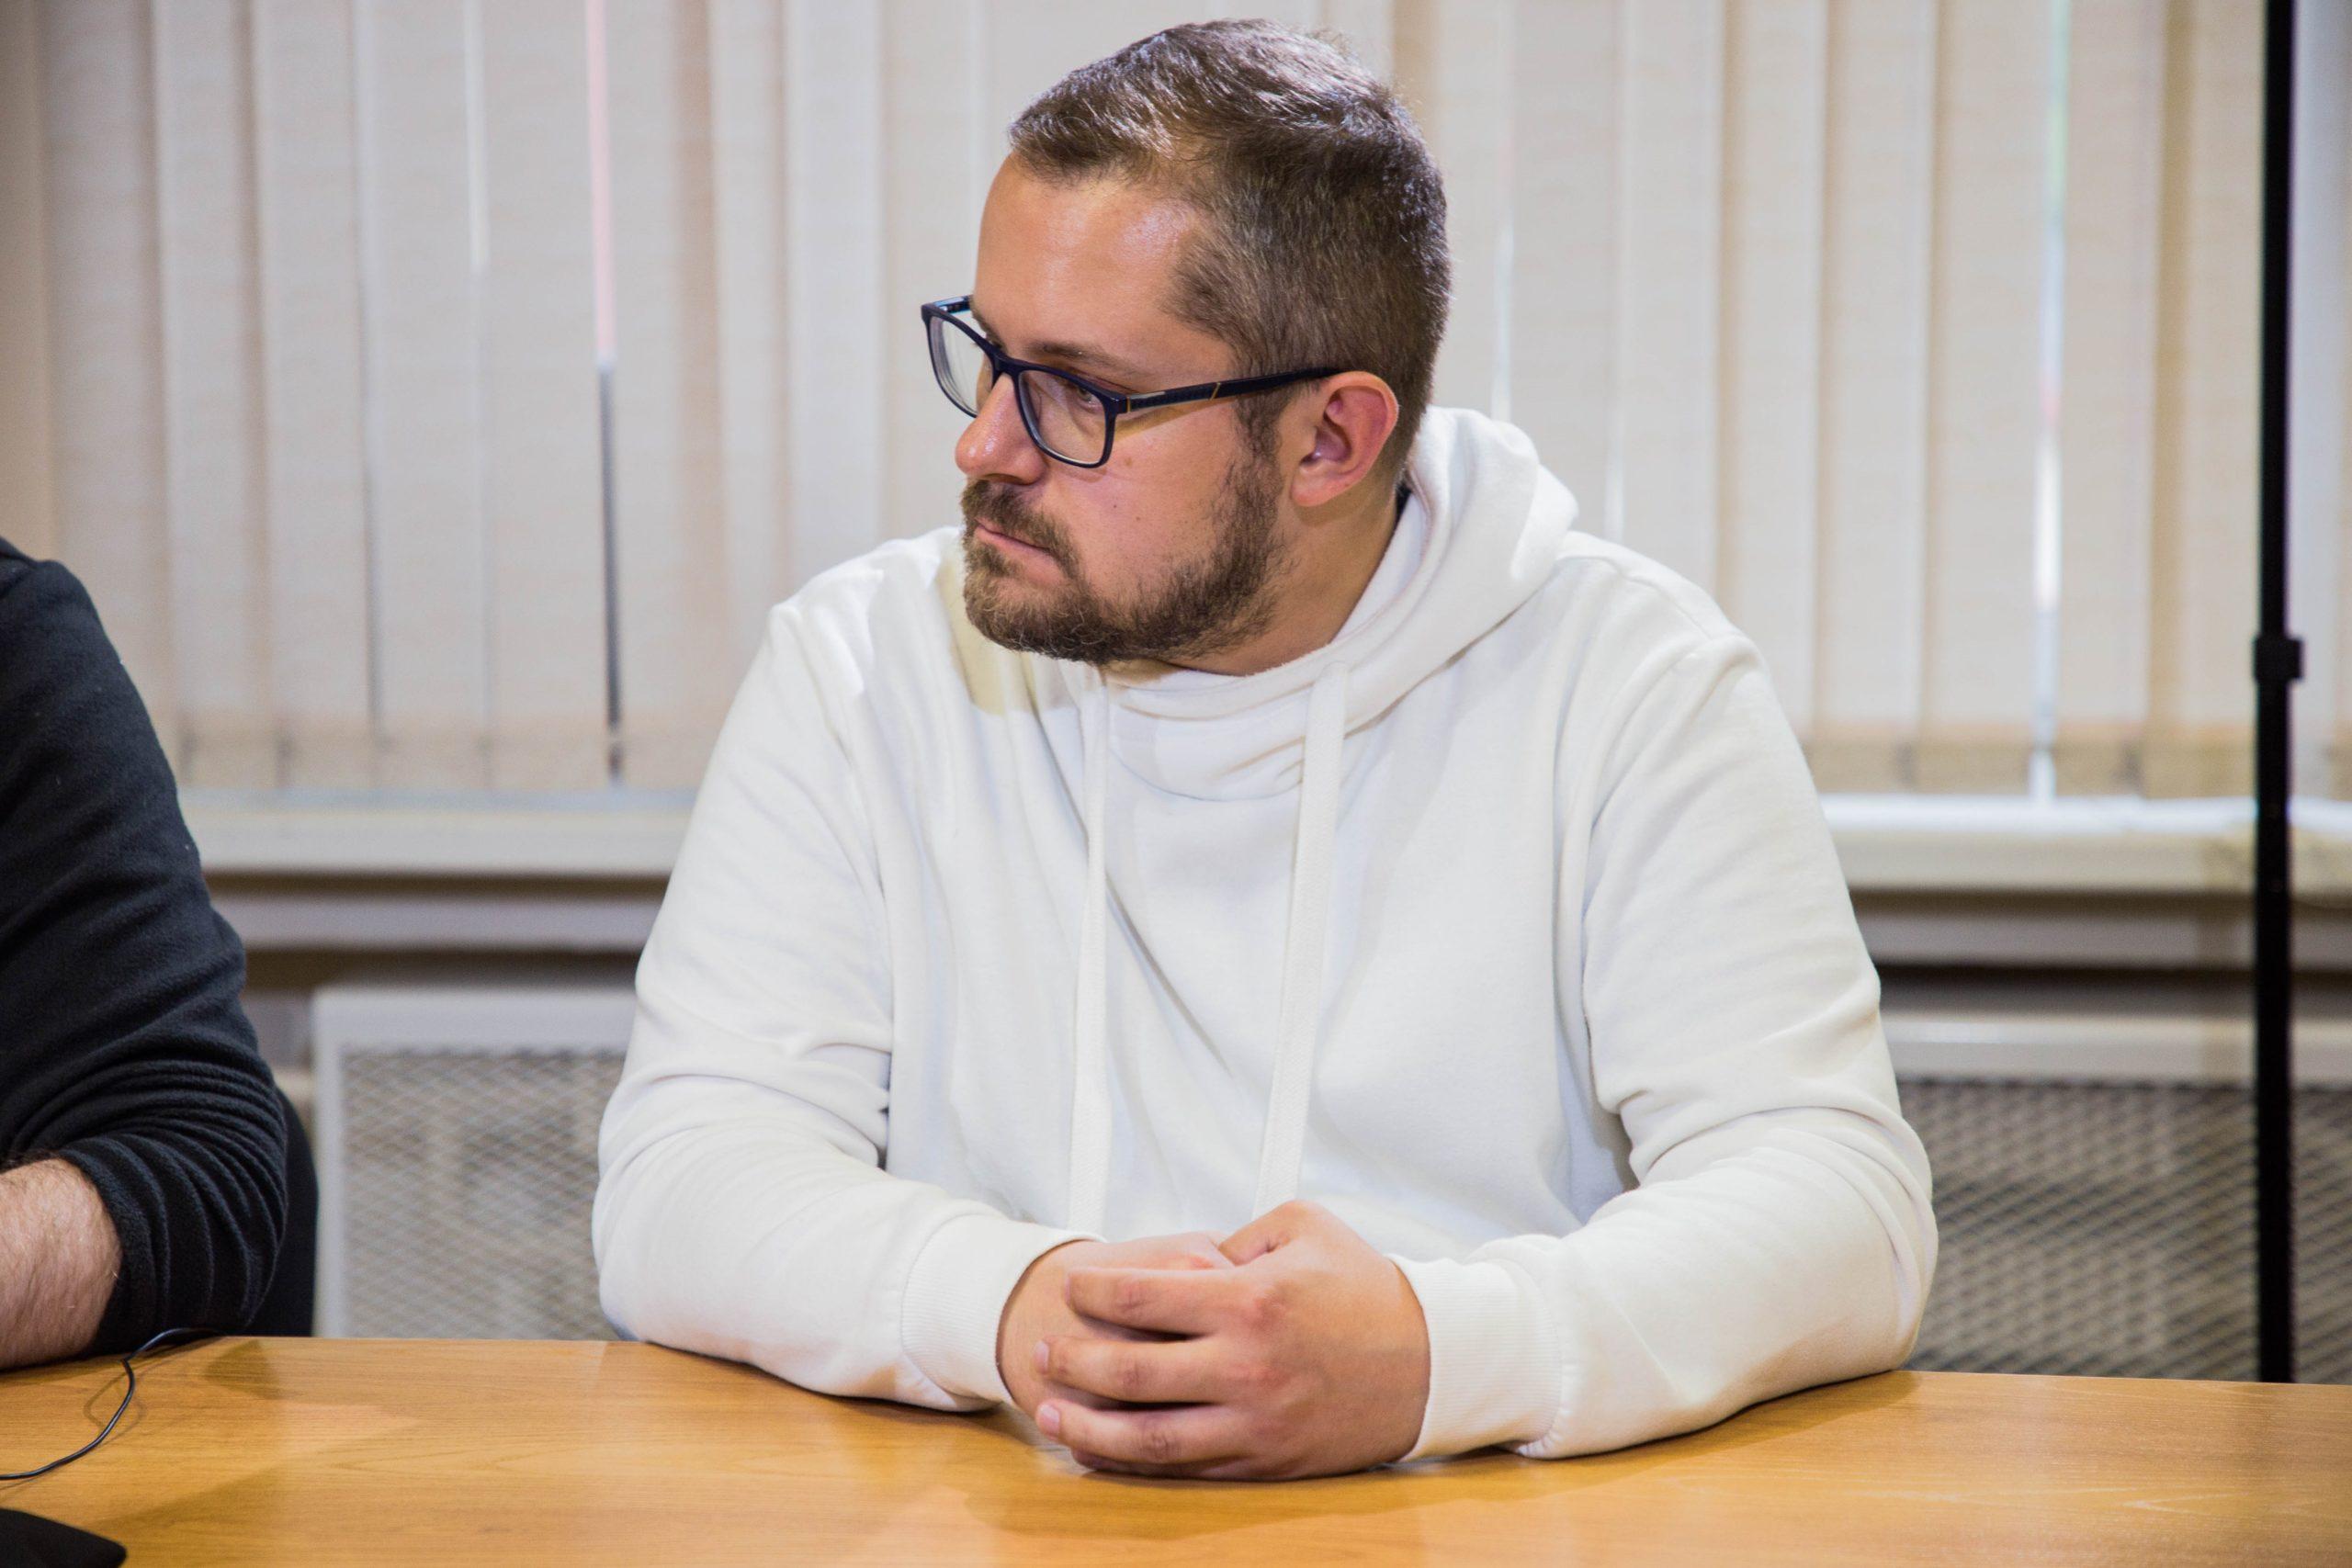 «Клуб выпускников ТвГУ» обсудил идею Андрея Белоцерковского об открытии Центра высшего образования во Ржеве